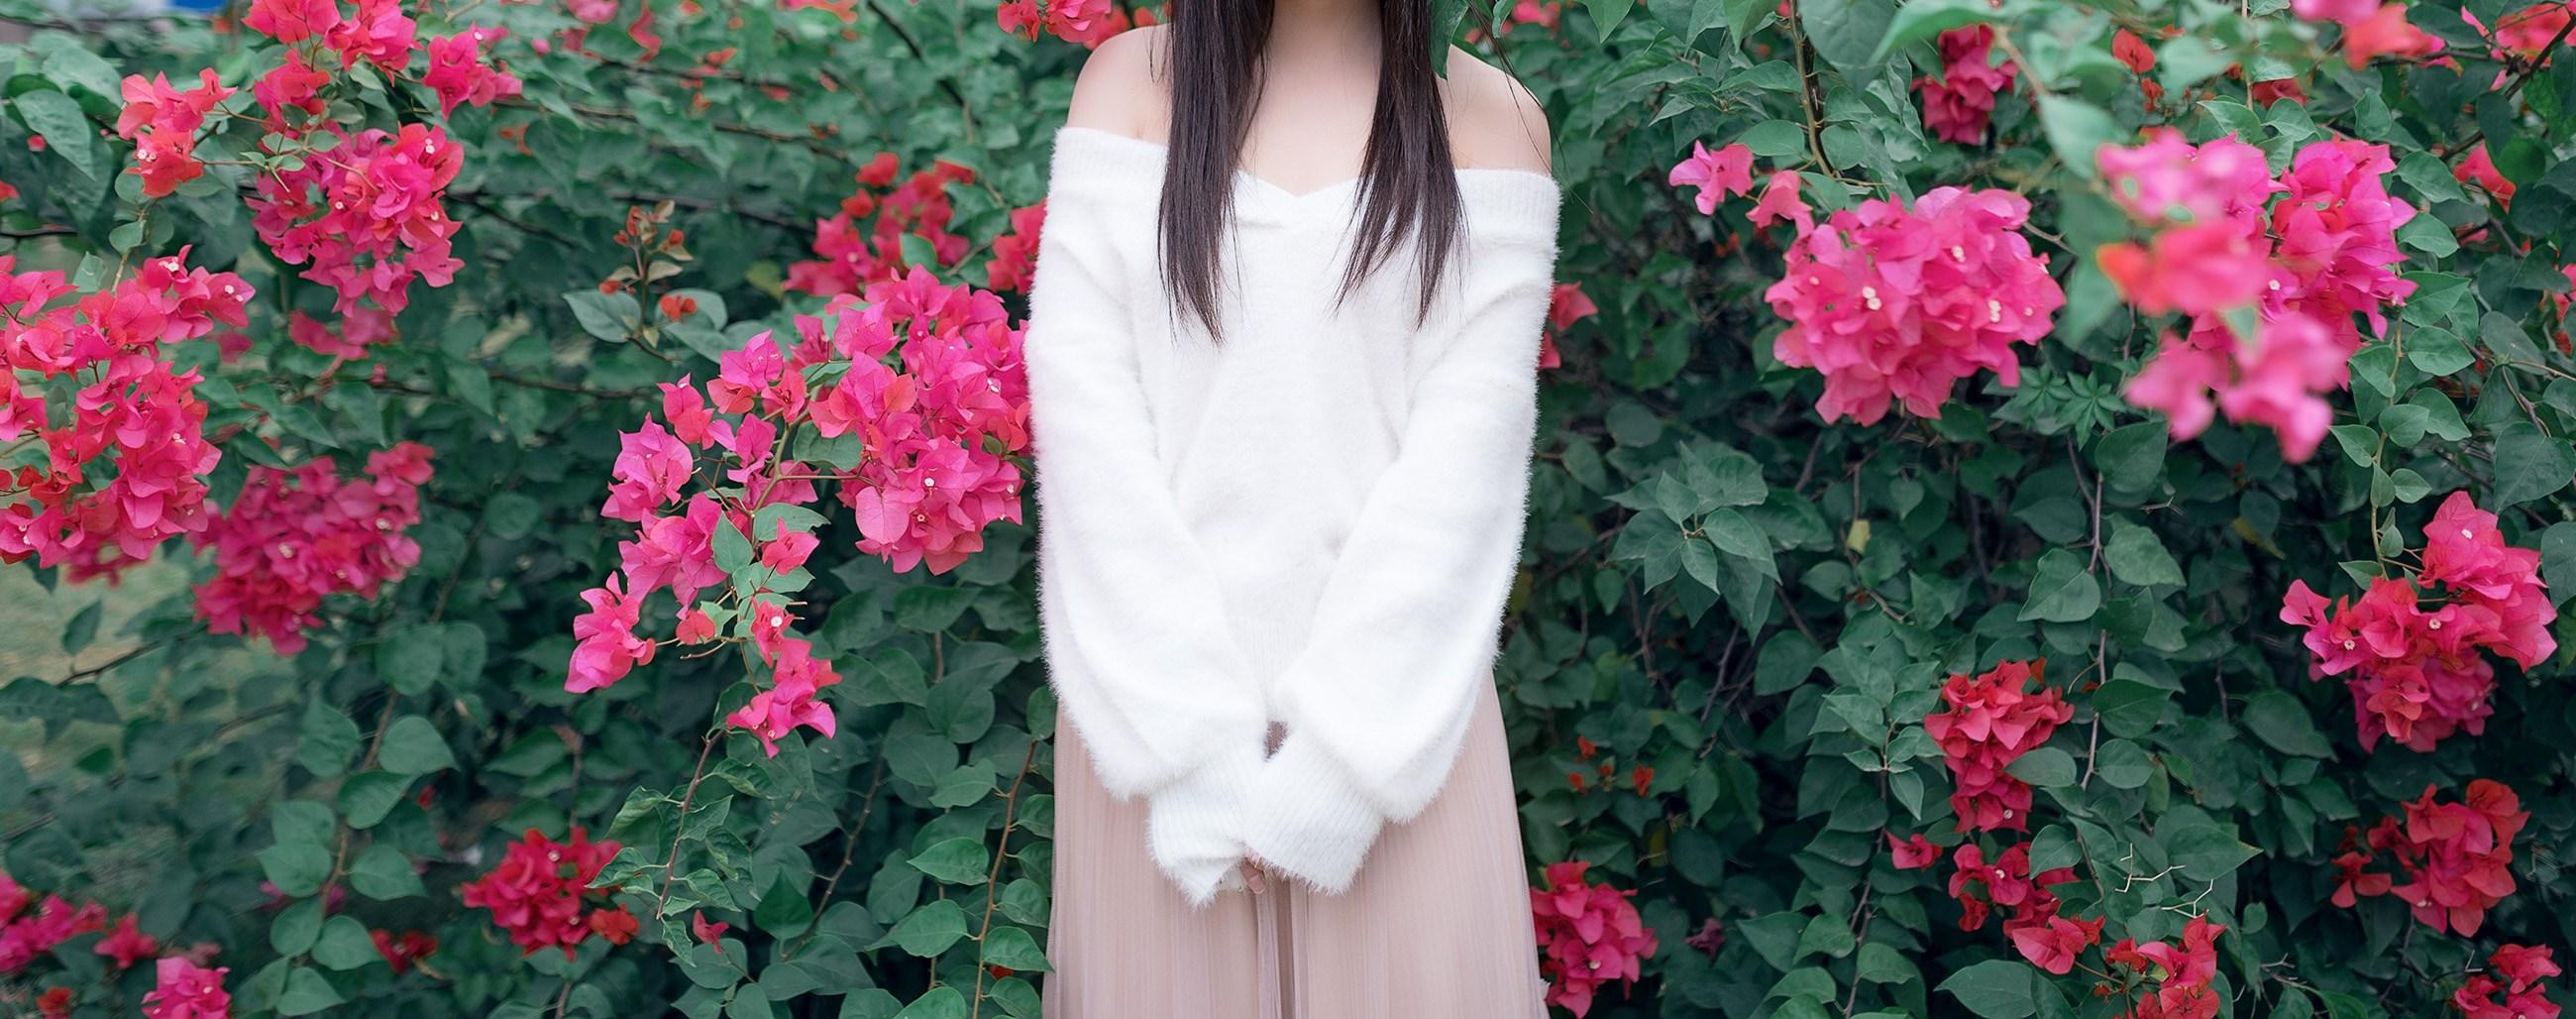 【兔玩映画】肩上的花 兔玩映画 第26张